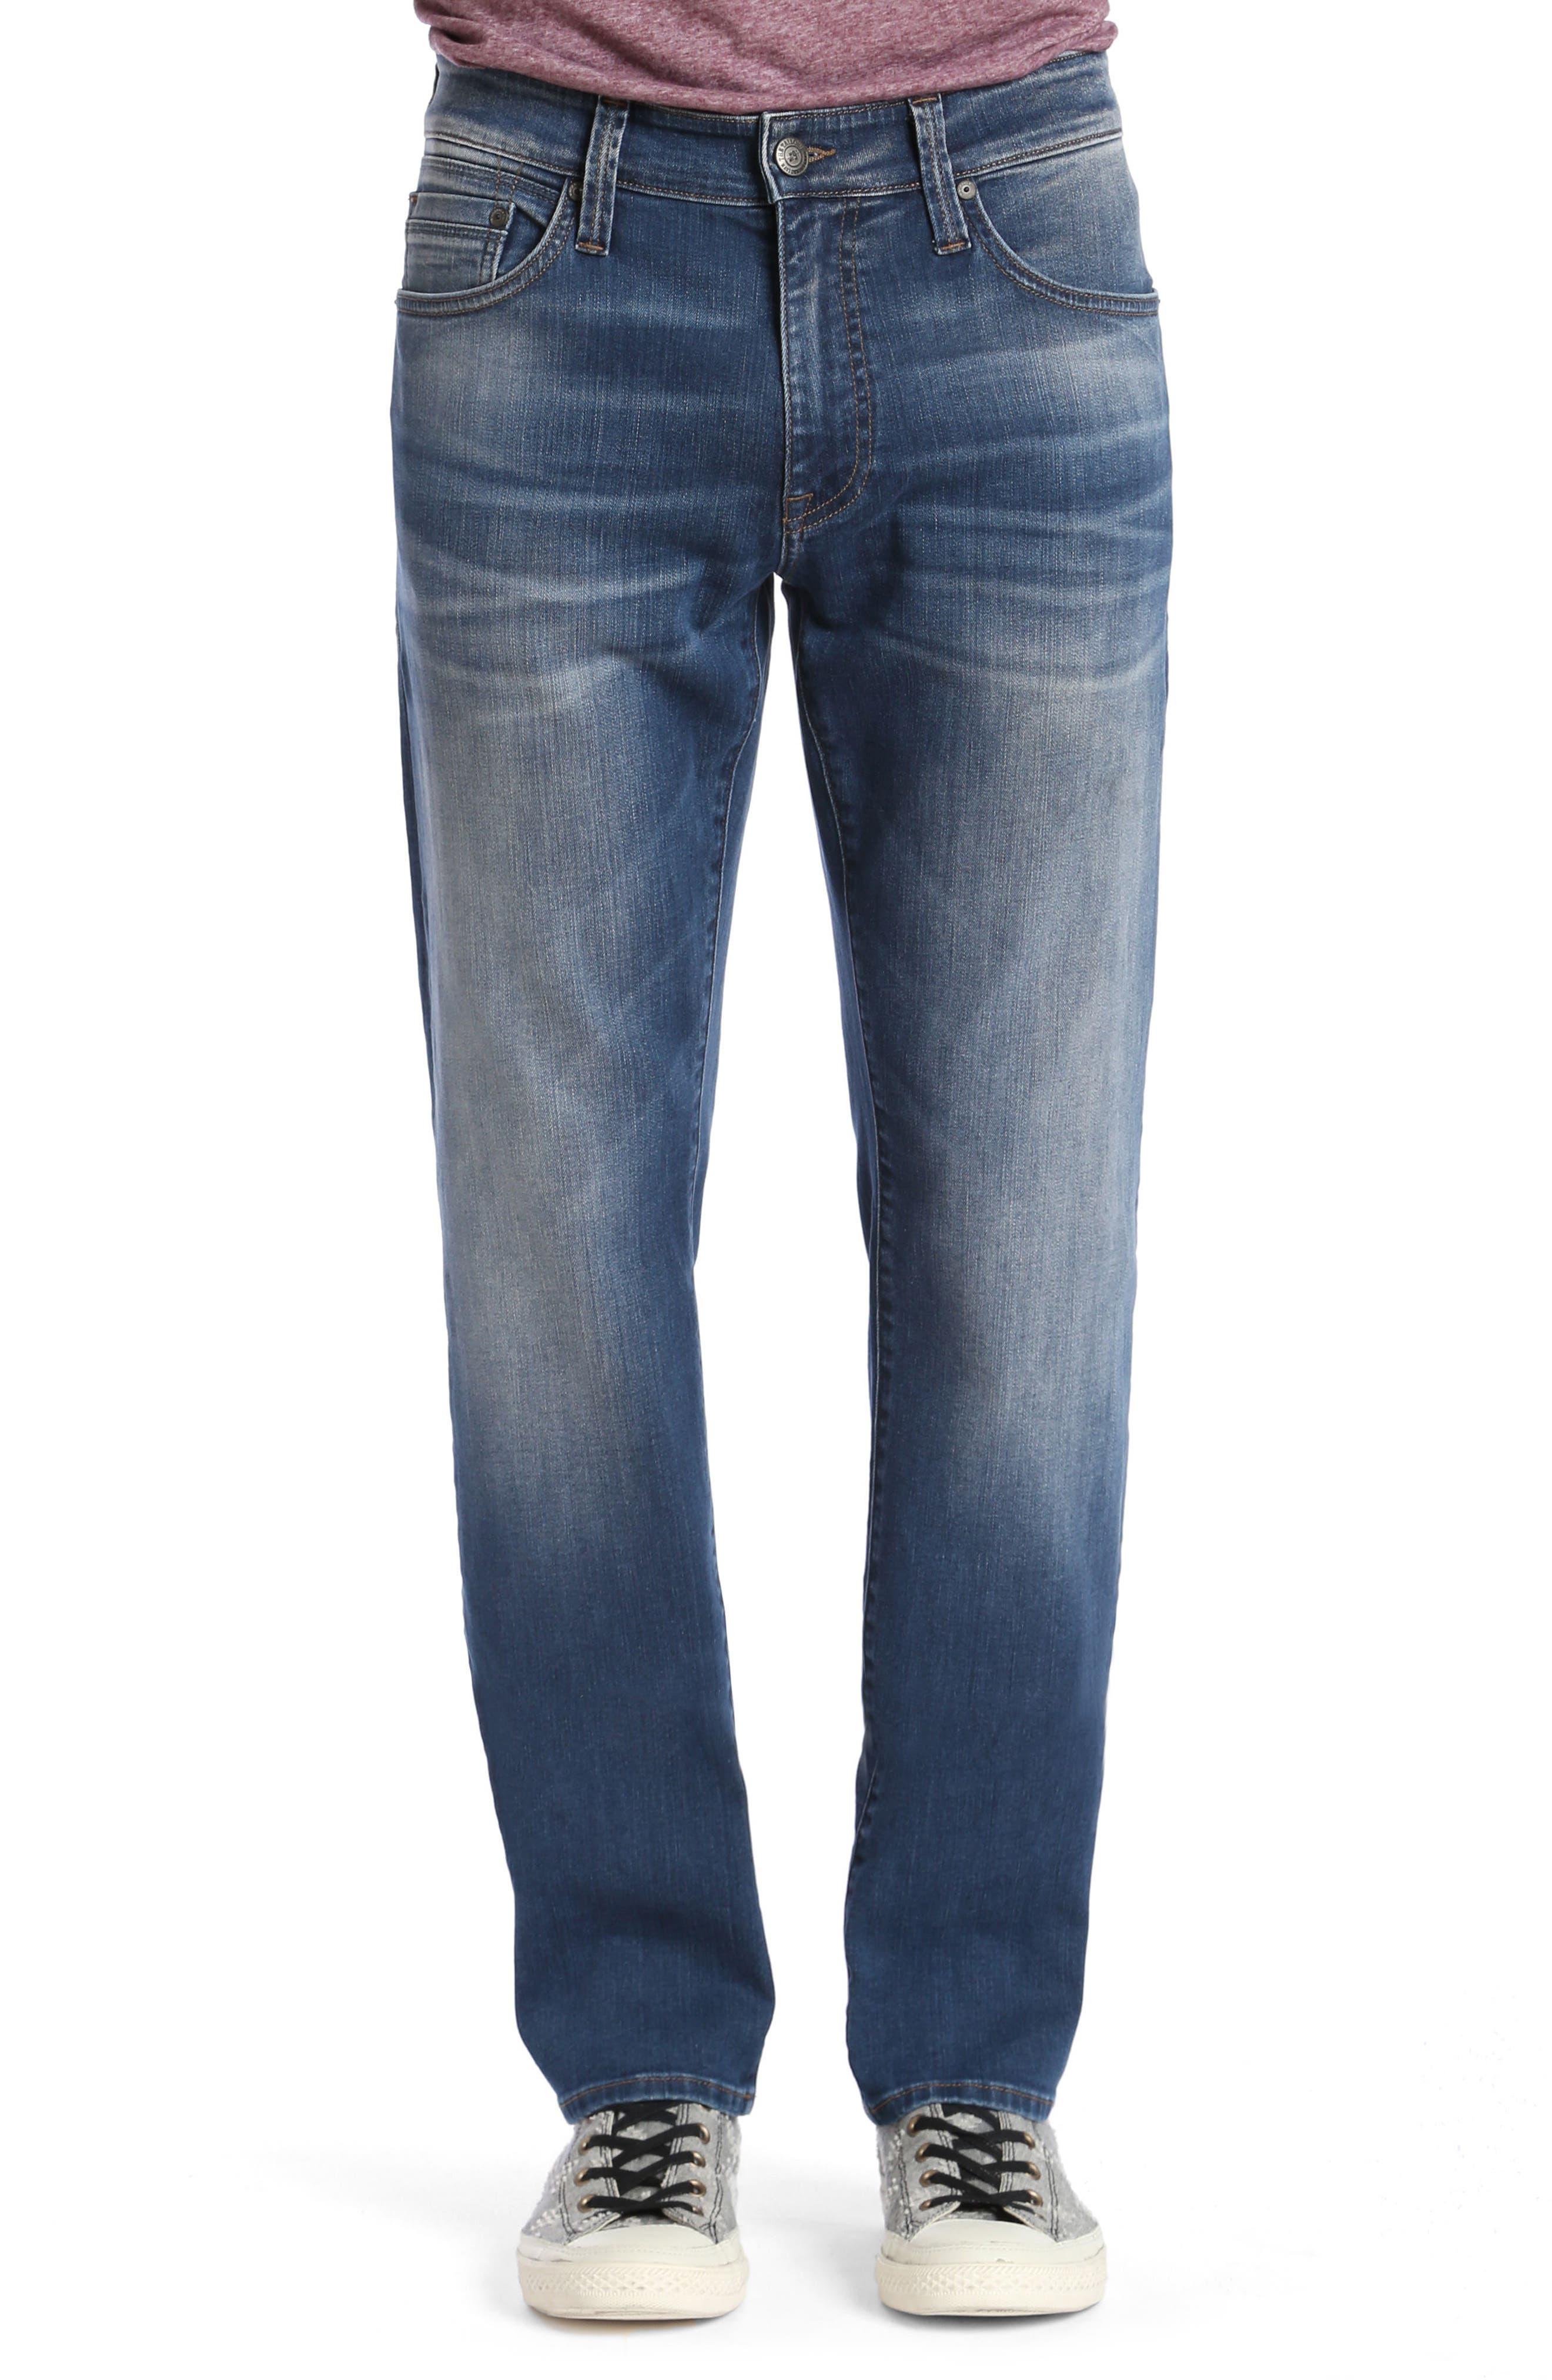 Mavi Jeans Zach Straight Fit Jeans (Mid Shaded Williamsburg)